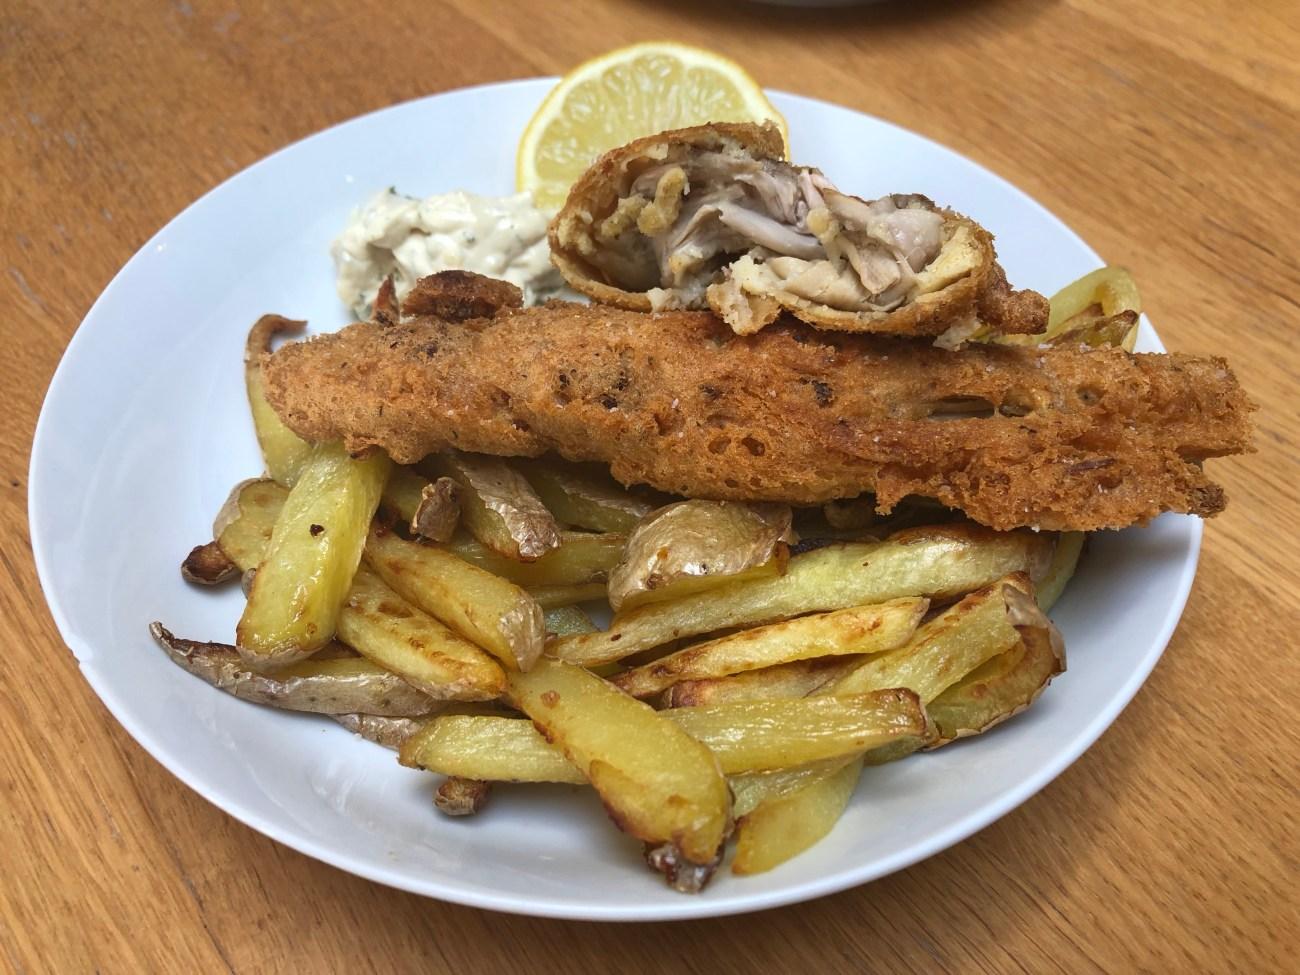 No fish & Chips aux bourgeons de bananier